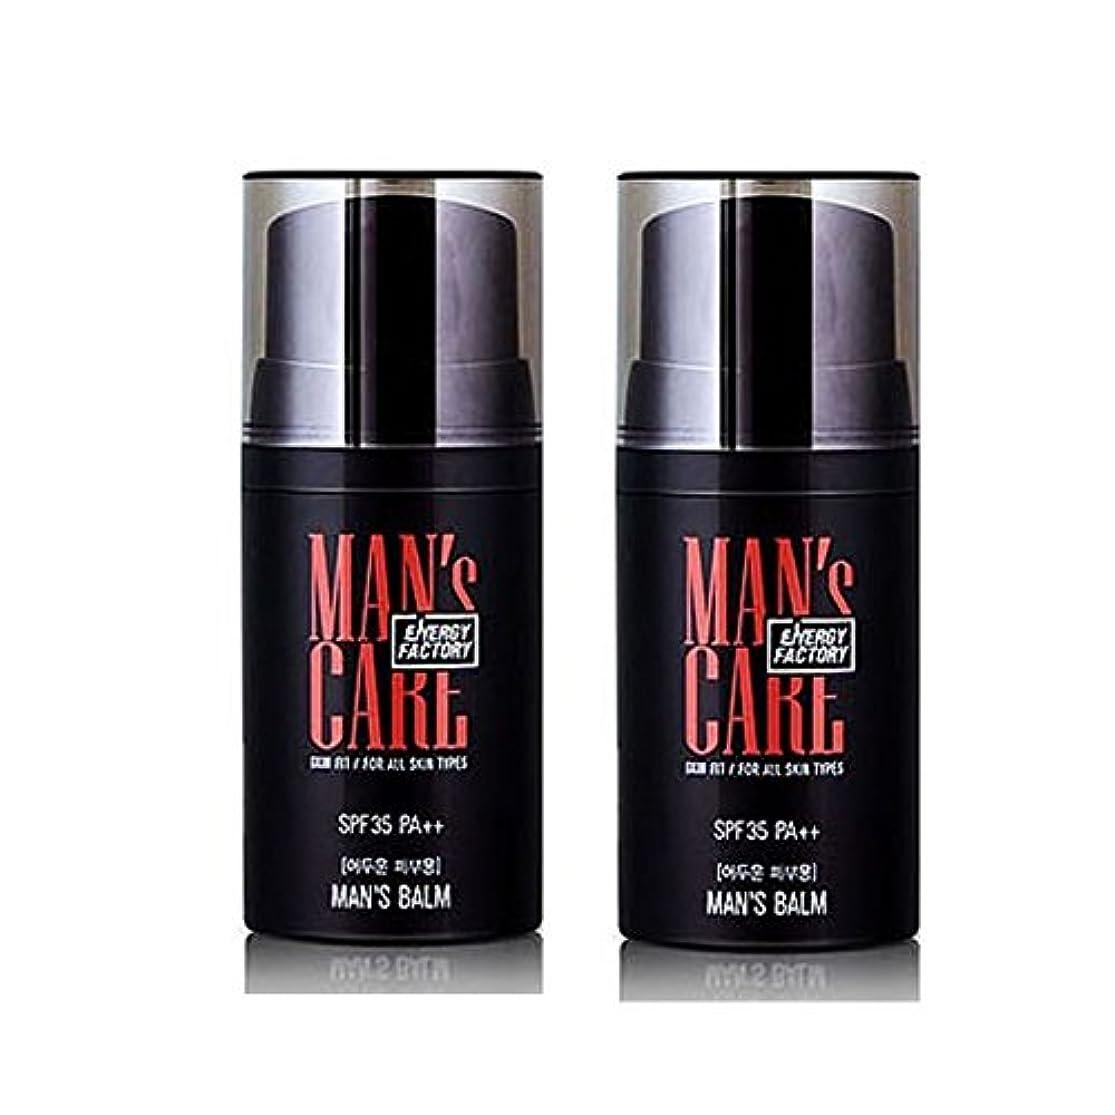 笑い本体課税メンズケアエネルギーファクトリースキンフィット?マンズ?Balm 50ml x 2本セット(明るい肌用、暗い肌用) メンズコスメ、Man's Care Energy Factory Skin Fit Man's Balm...